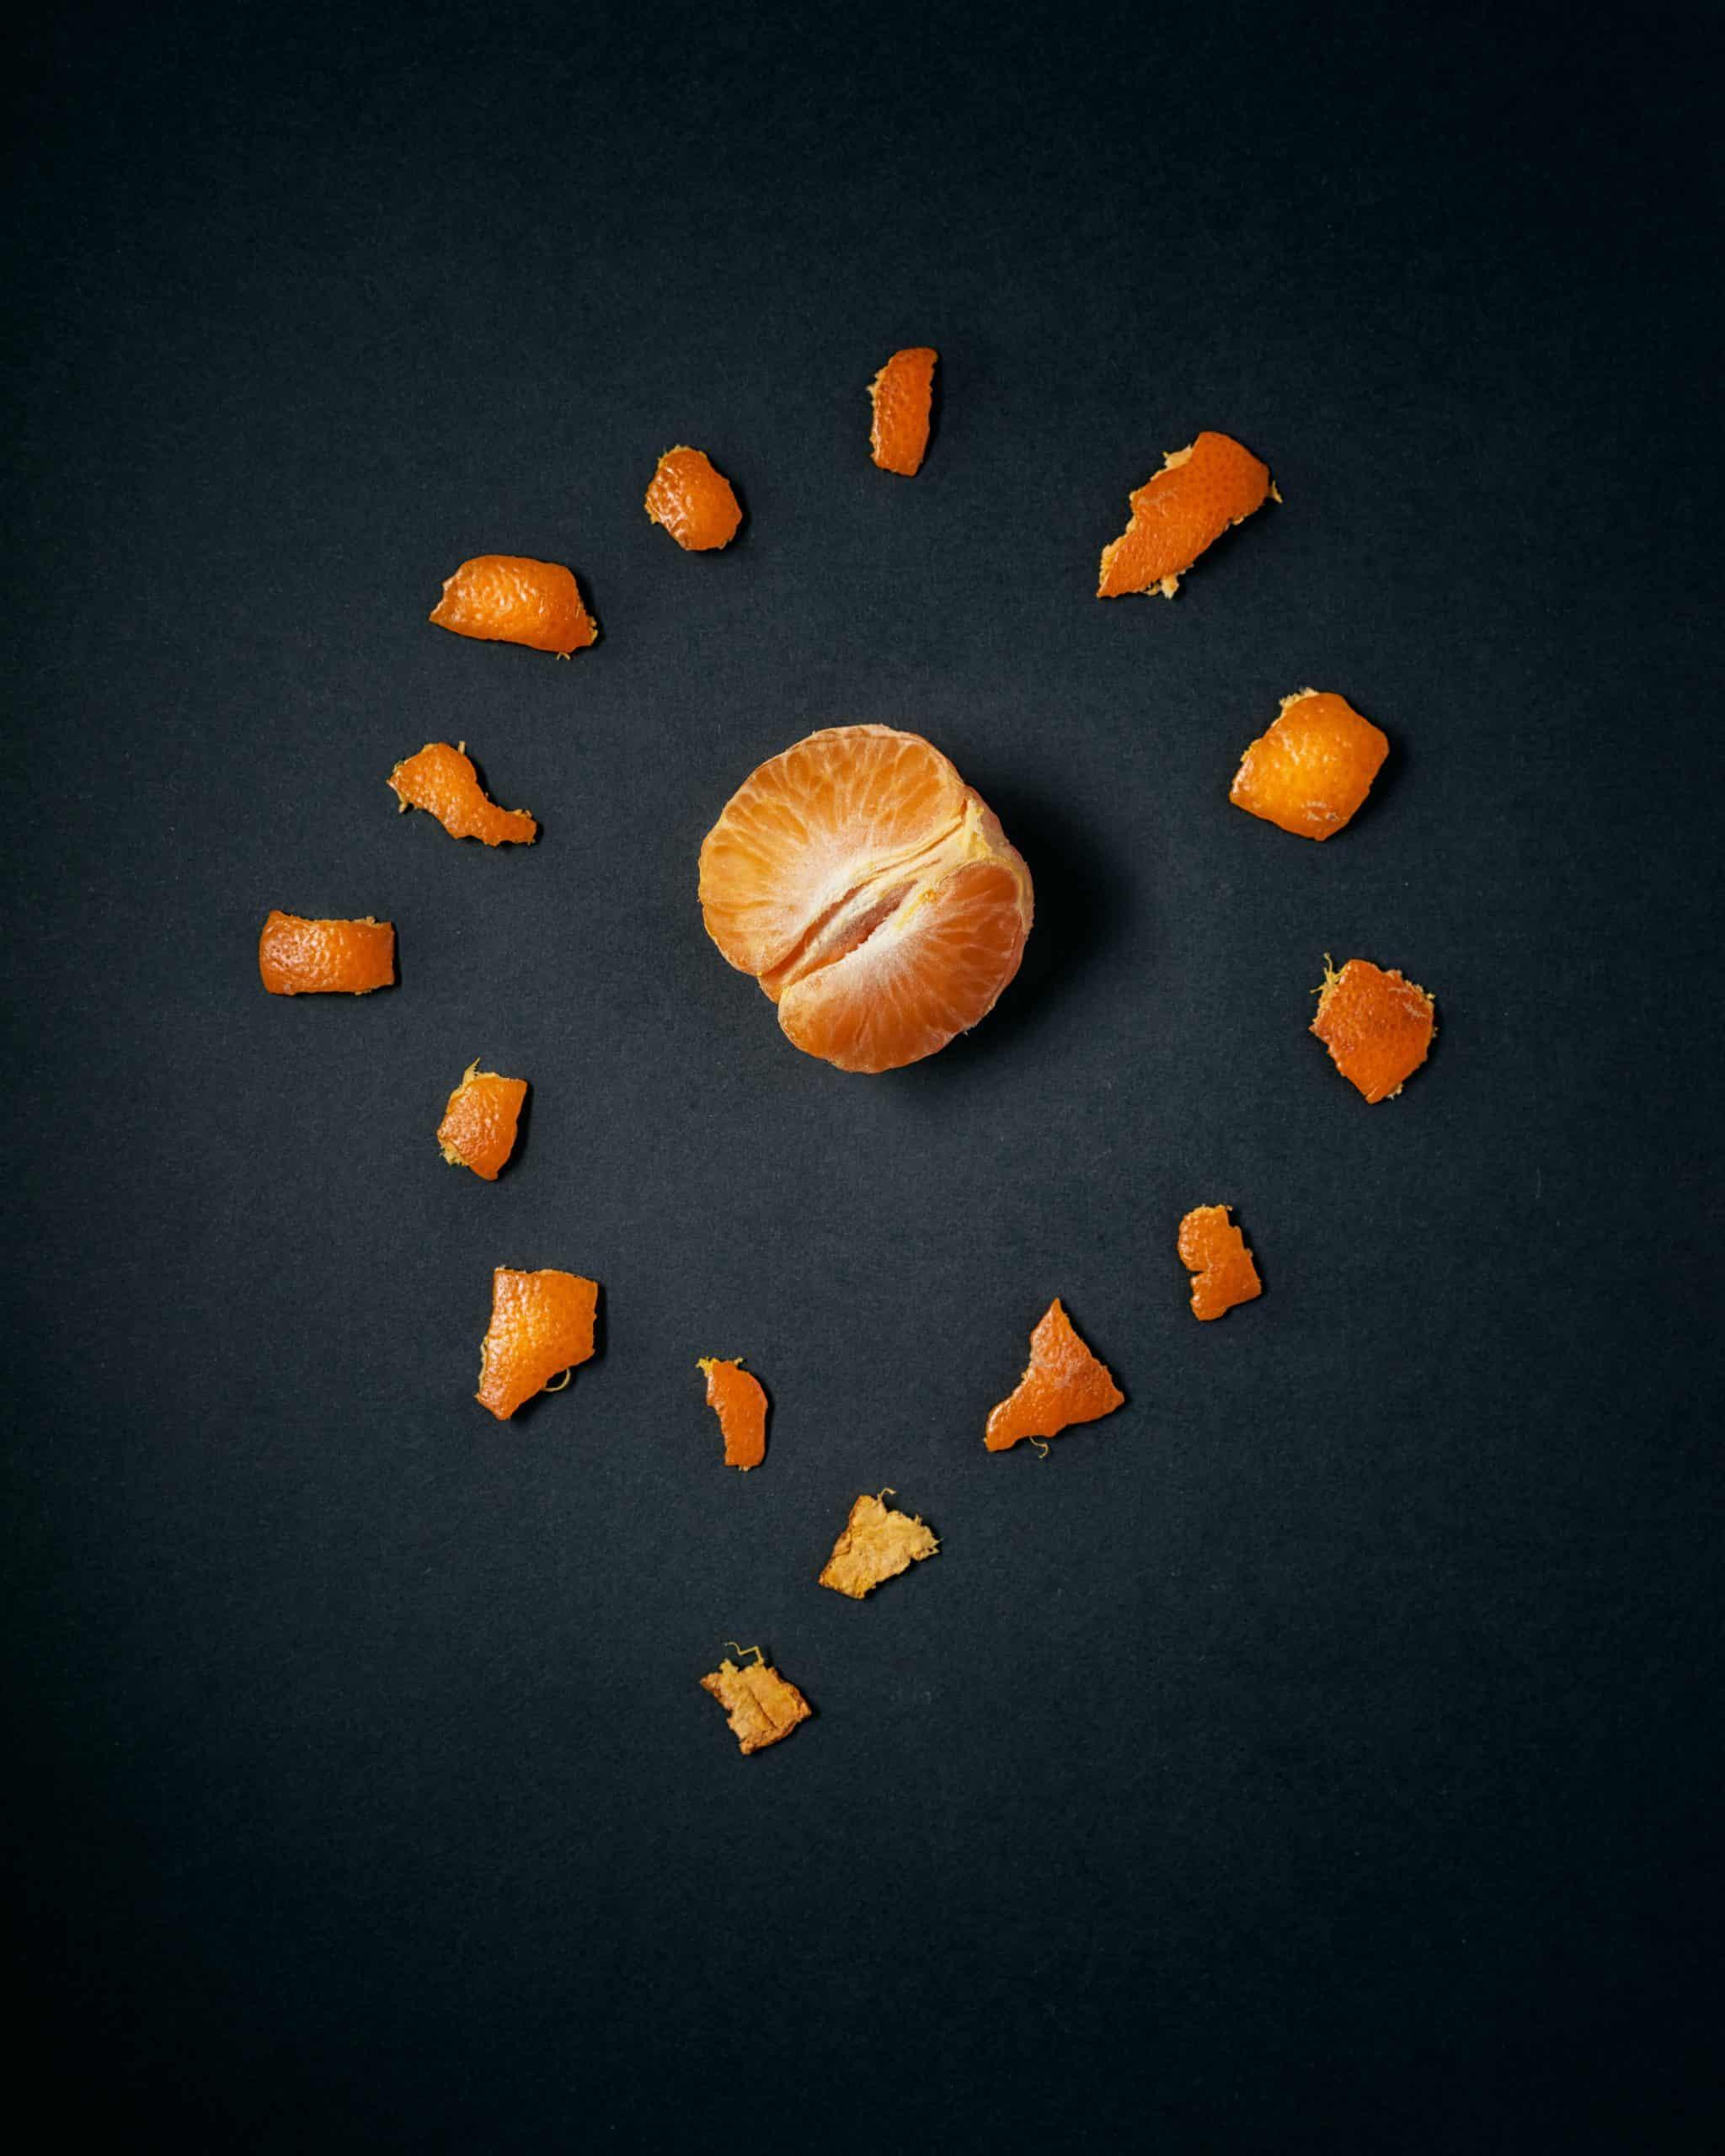 orange peel broken down to represent breaking down macronutrients vs micronutrients